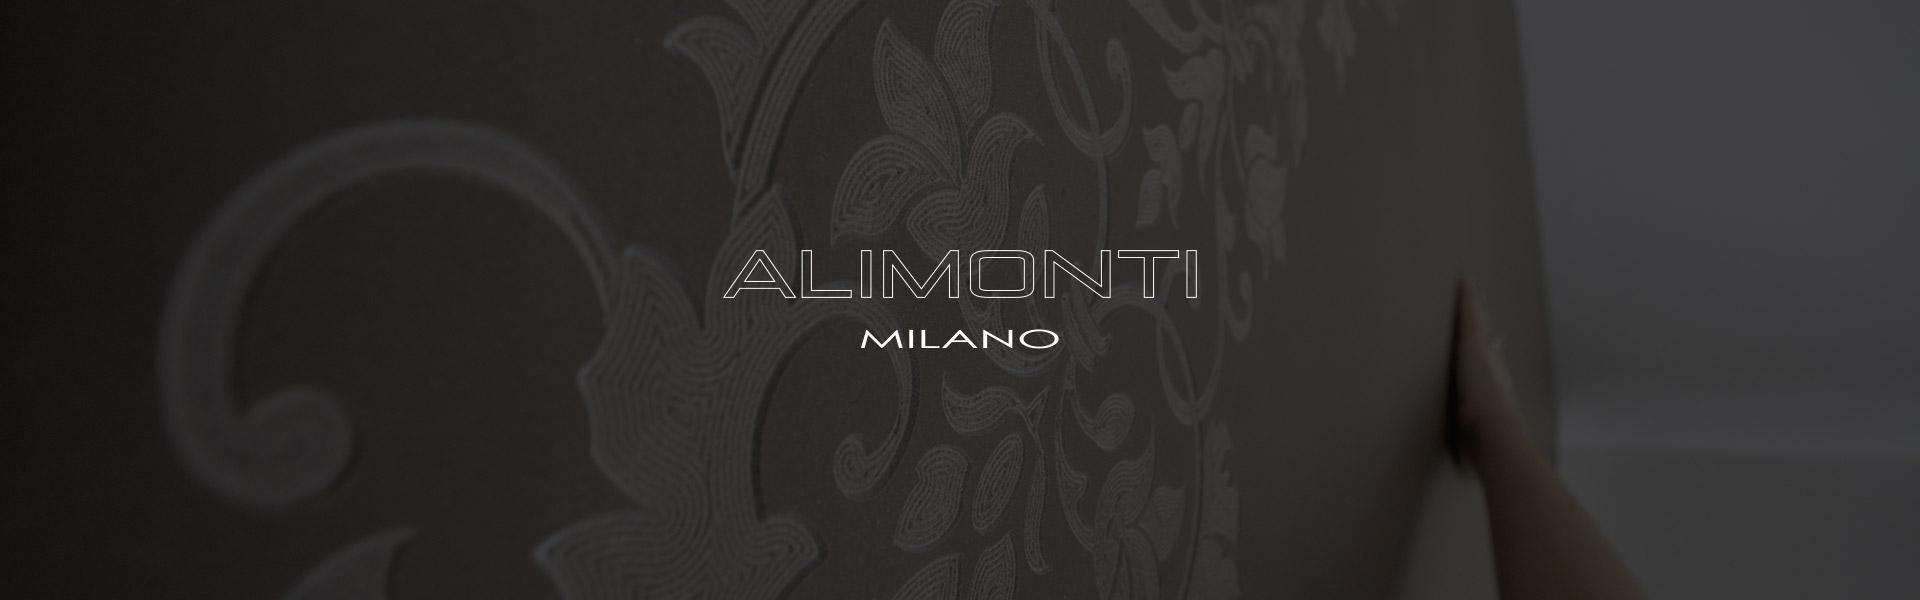 alimonti_1